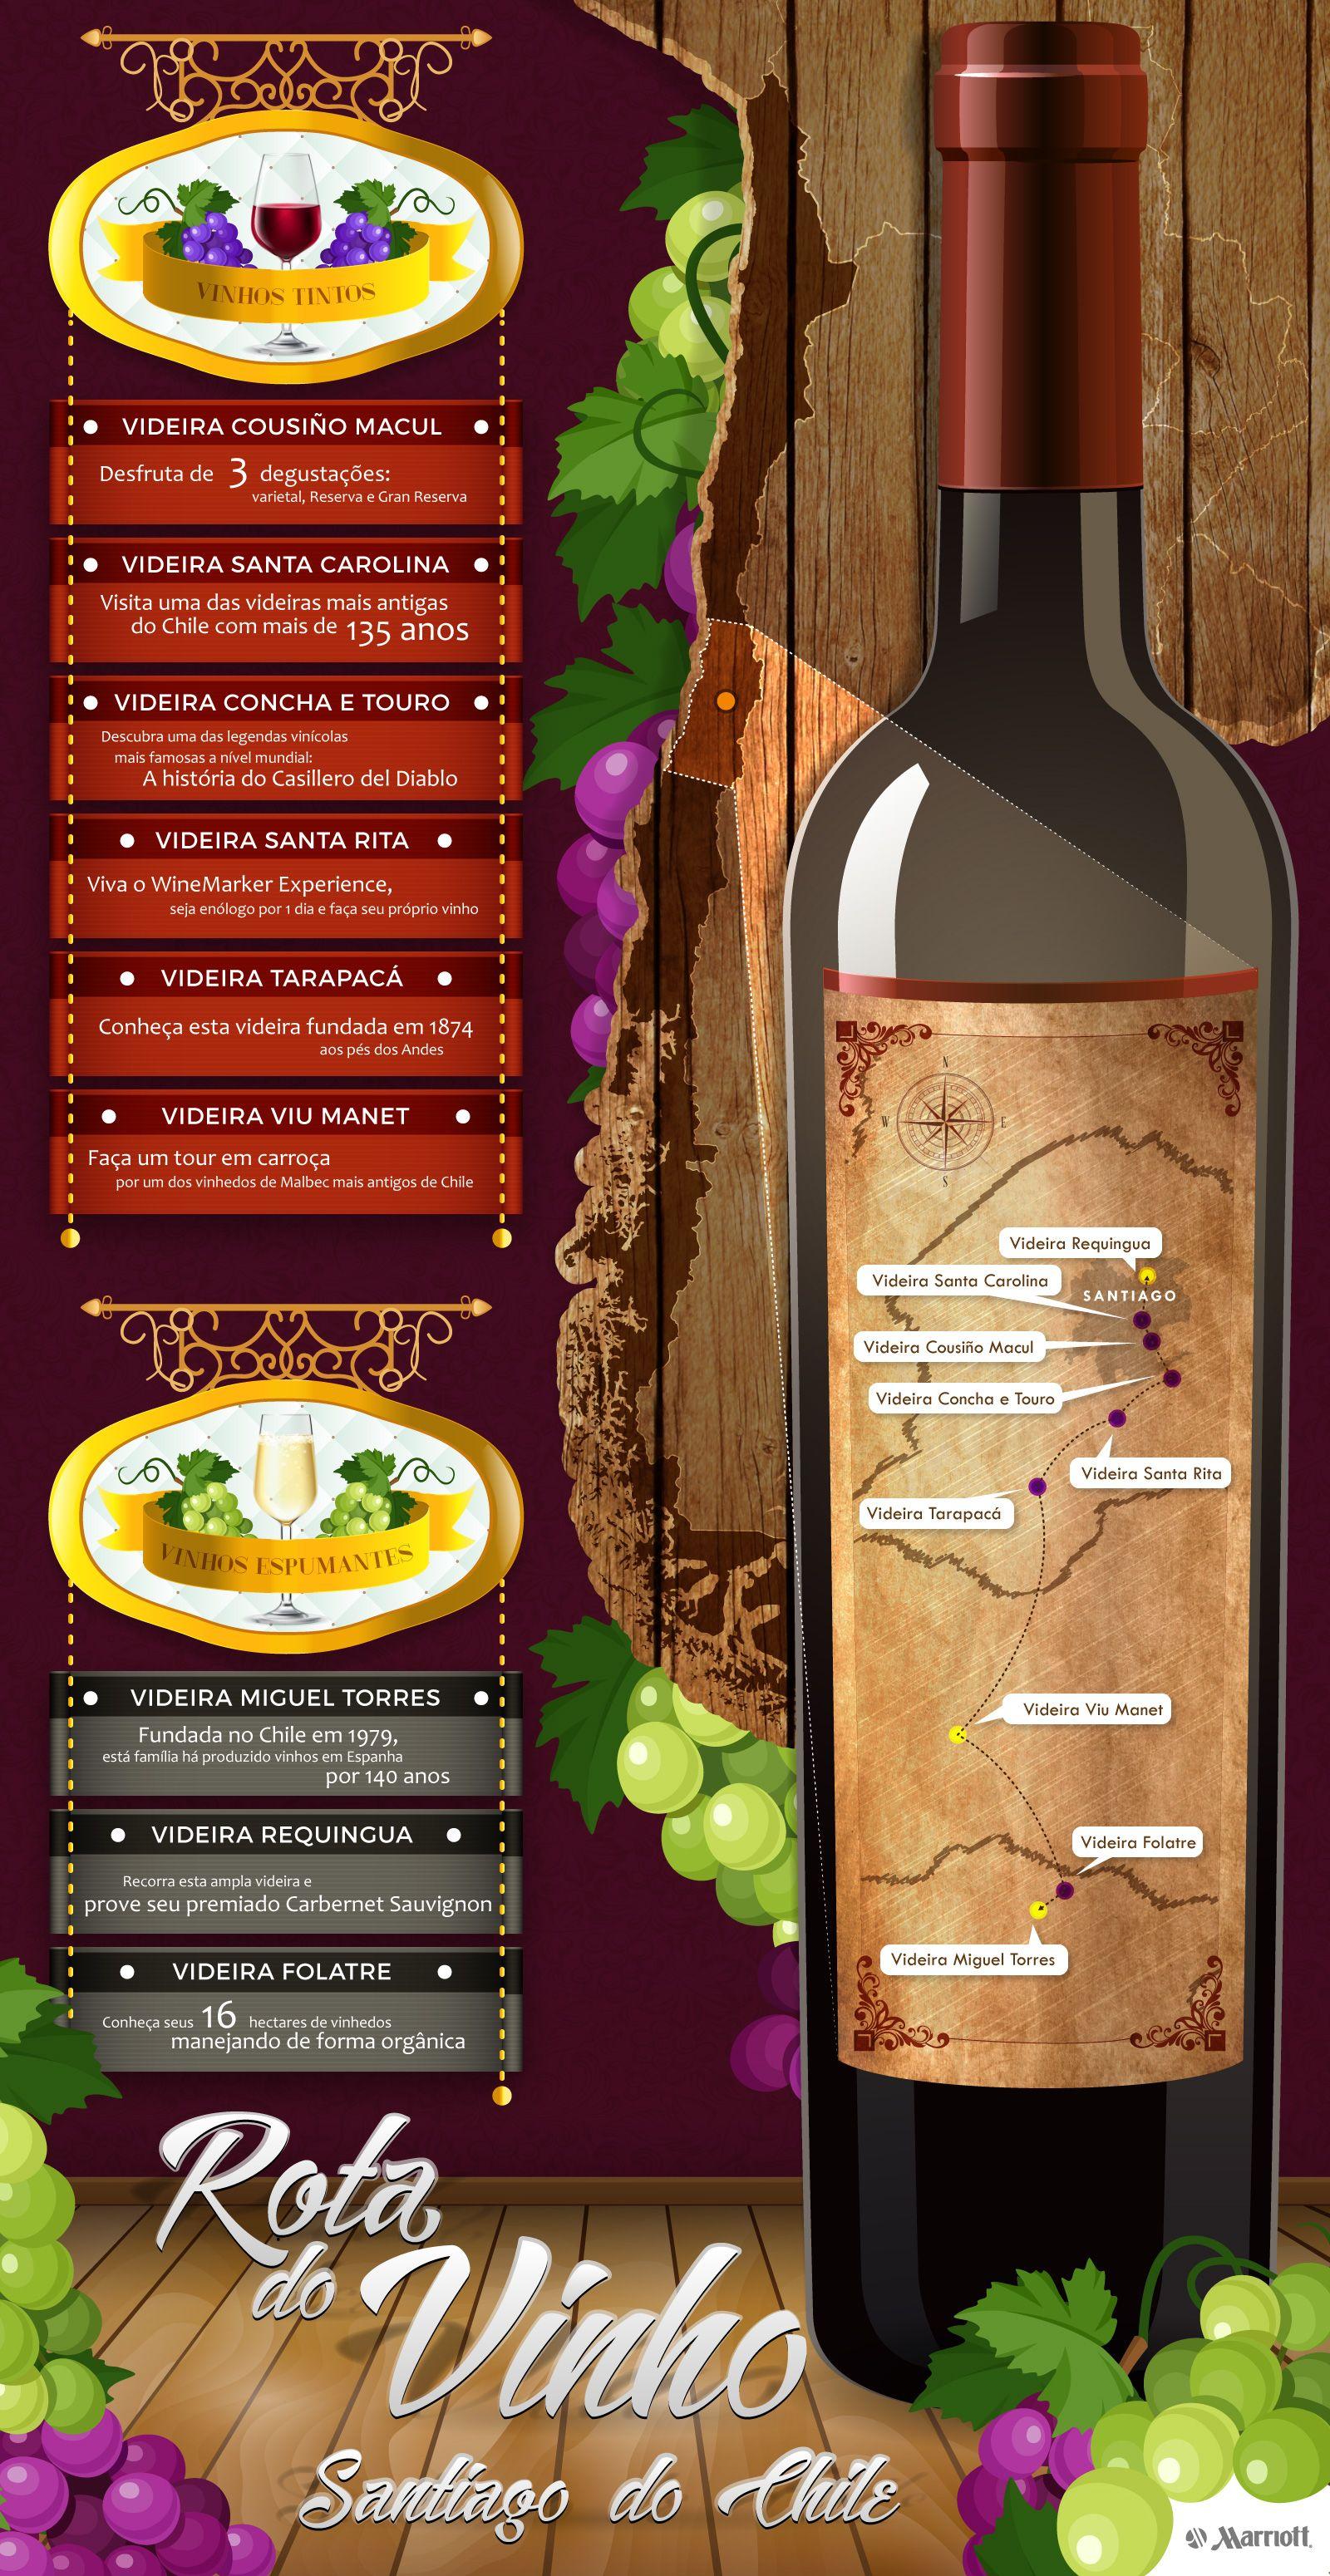 Se estiver de férias pela capital do Chile e não sabe o que fazer? Então, descubra nesta infográfica uma rota de deliciosos sabores e excelentes vinhos de mesa #Chile #SantiagodoChile #Vinho #RotadoVinho #Turismo #Férias #Wine #MyWineMoment #HotelesMarriott #Marriot #Infográfica #Colchagua